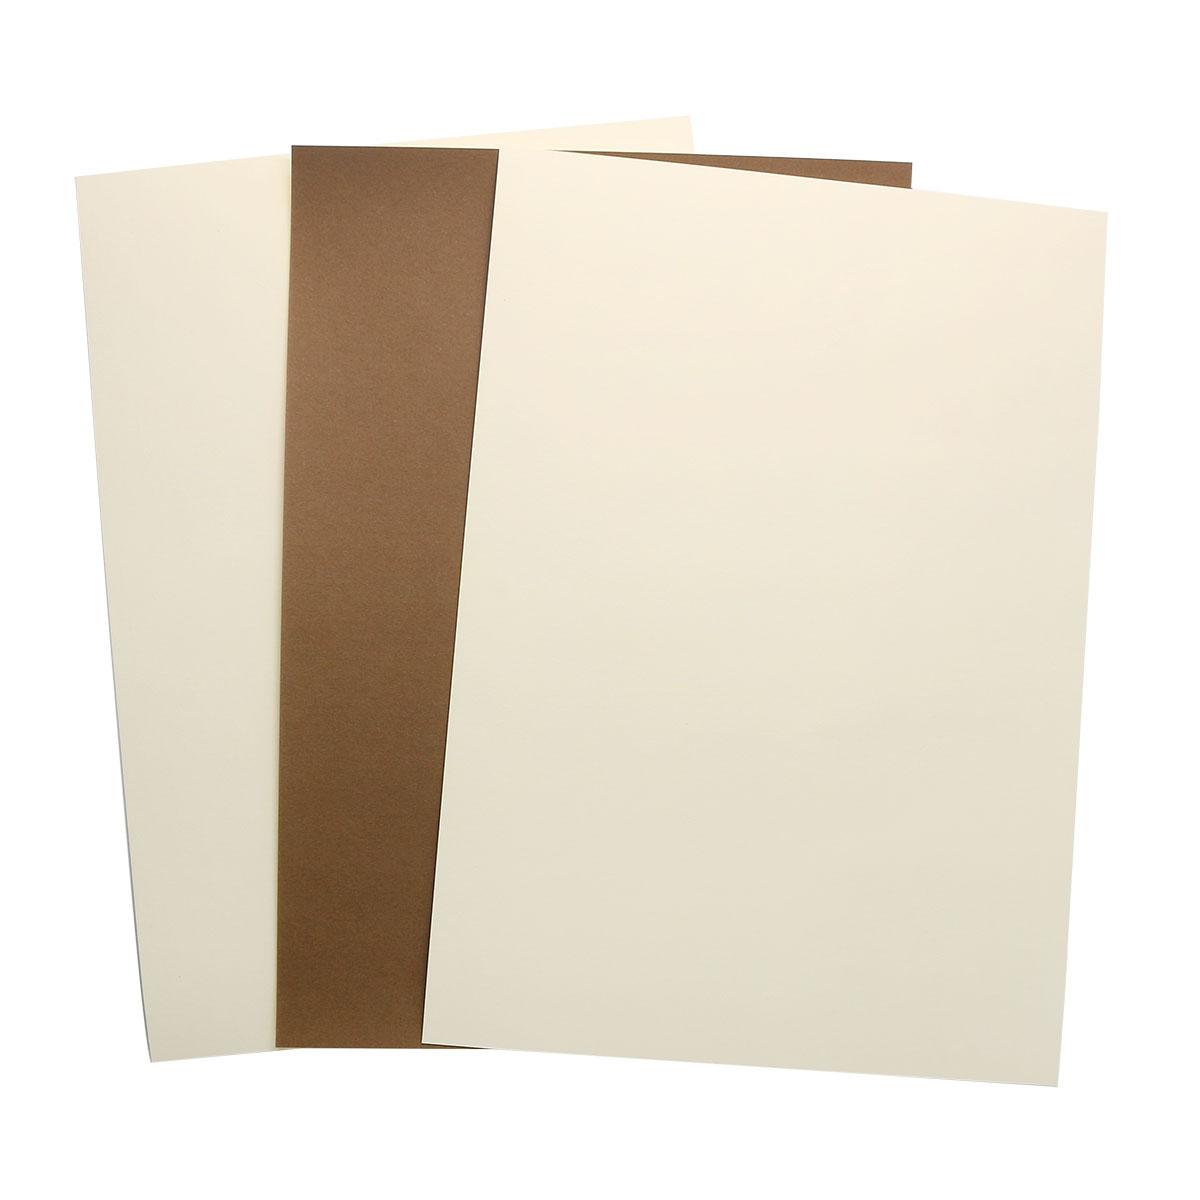 БД0007 Бумага двухсторонняя А4 КОМПЛЕКТ 3шт. Коричневый/Кремовый